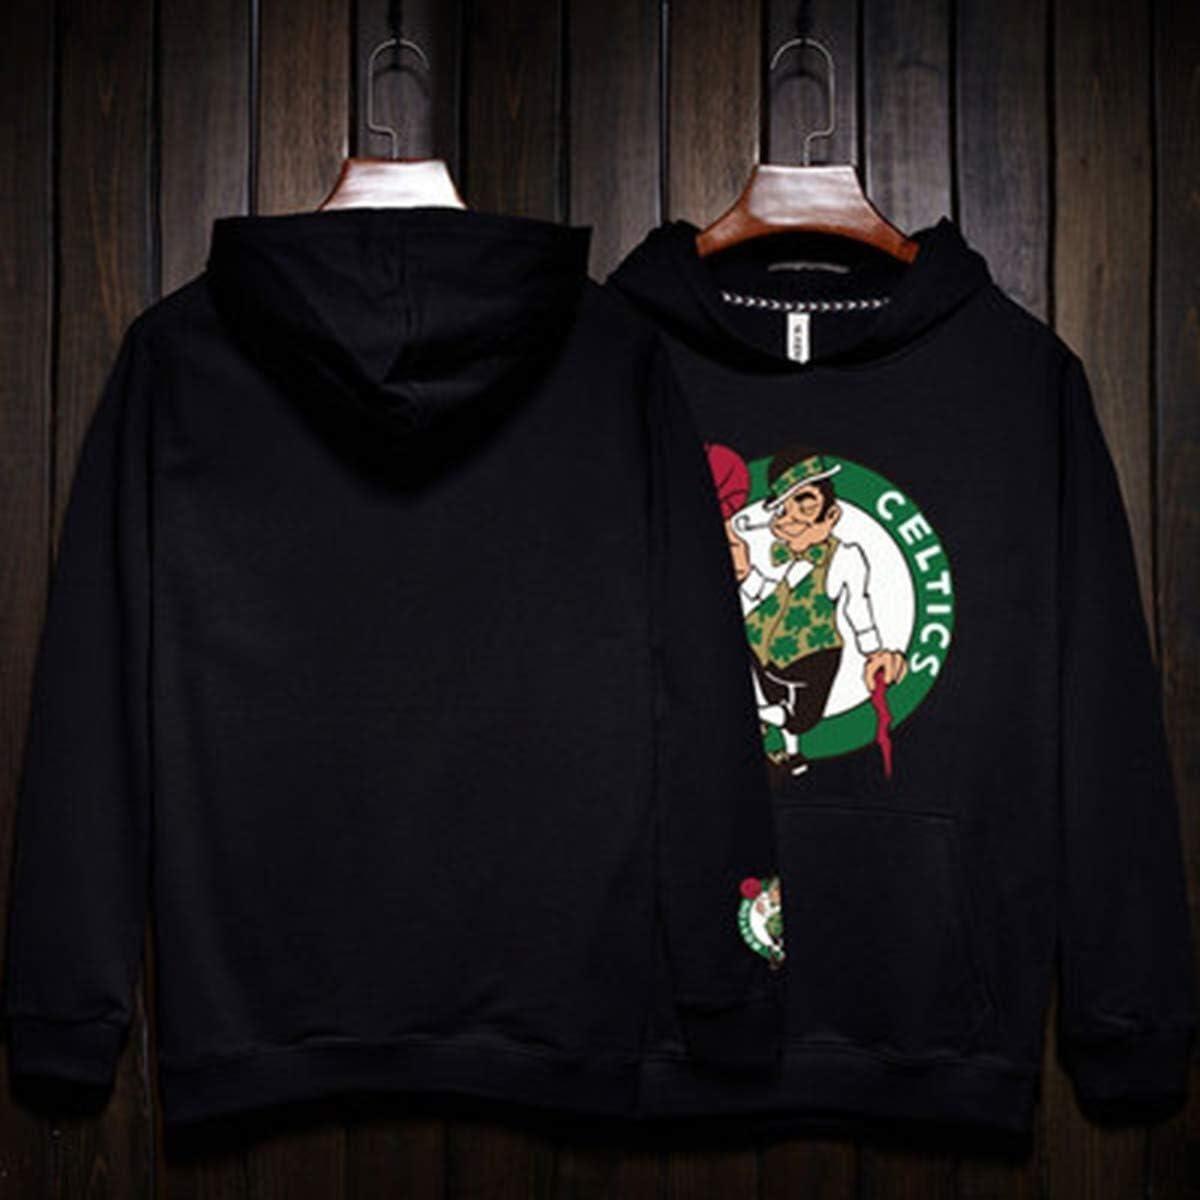 SMLSMGS Hombres Sudadera celtas/tío dibujó Baloncesto Jersey con Capucha Moda Sudadera Pullover Camiseta for niños pequeños Encapuchado (Color : Black, Size : M): Amazon.es: Hogar